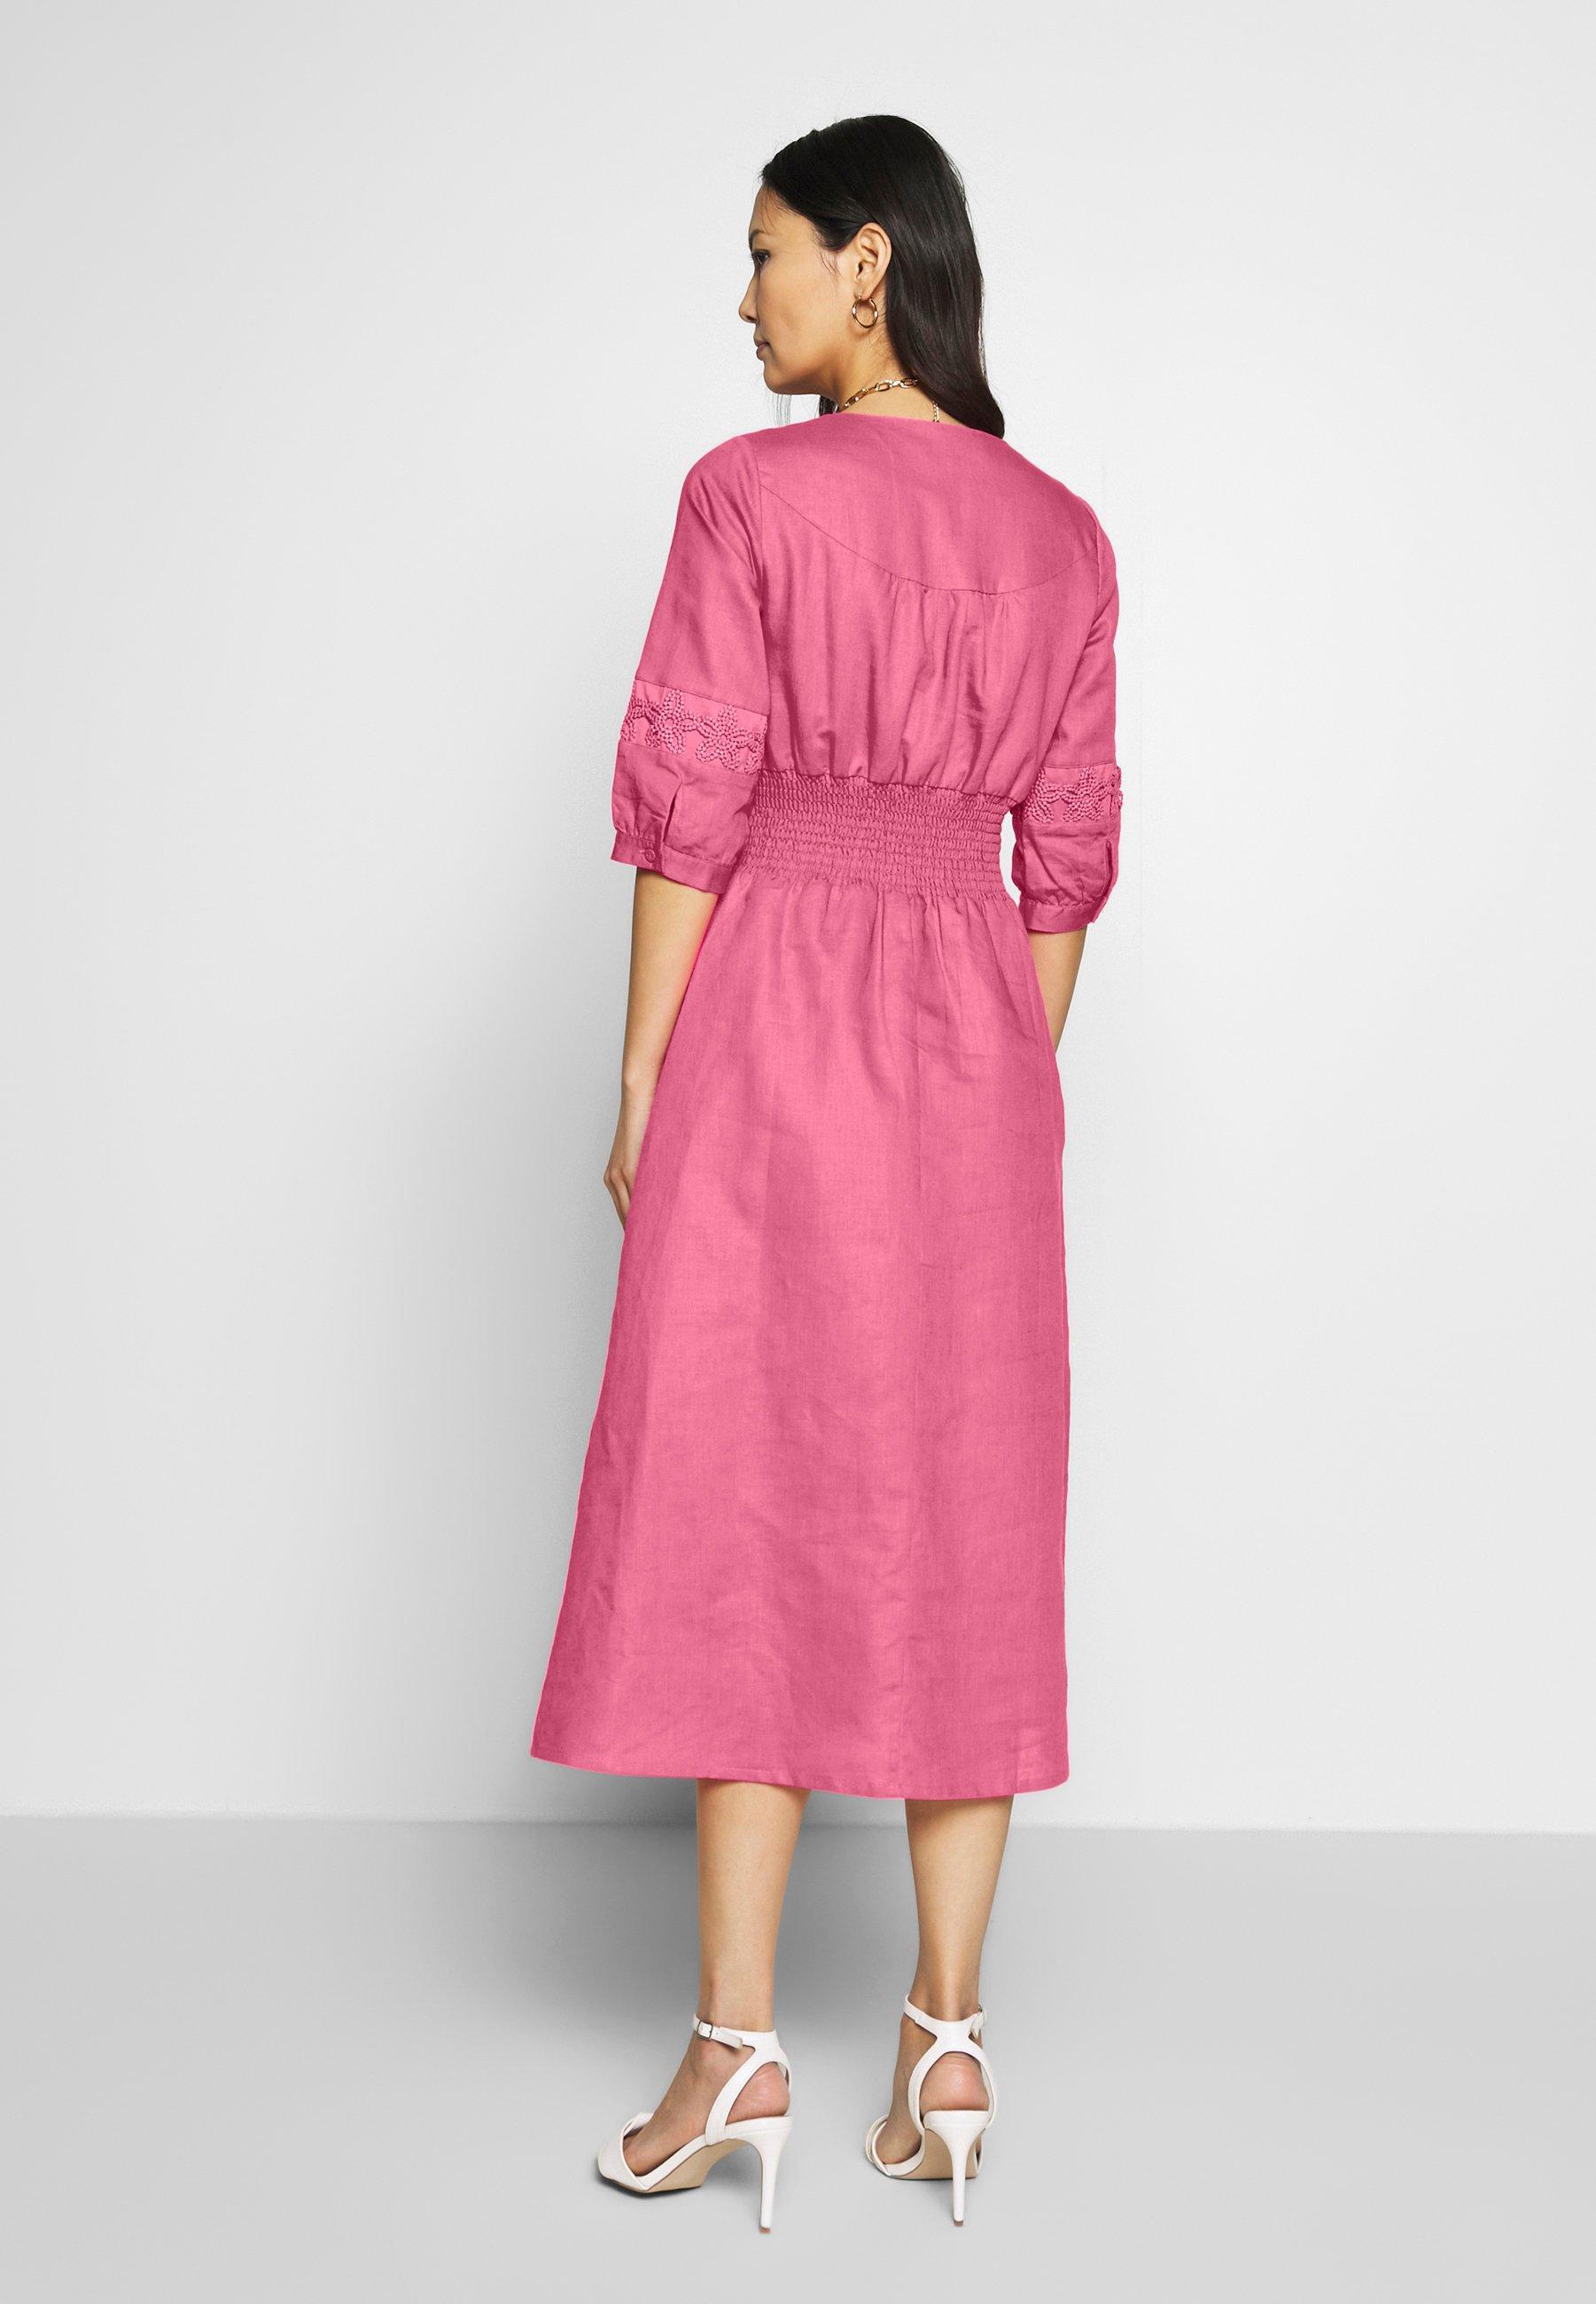 Derhy Abondance - Skjortklänning Rose/nude